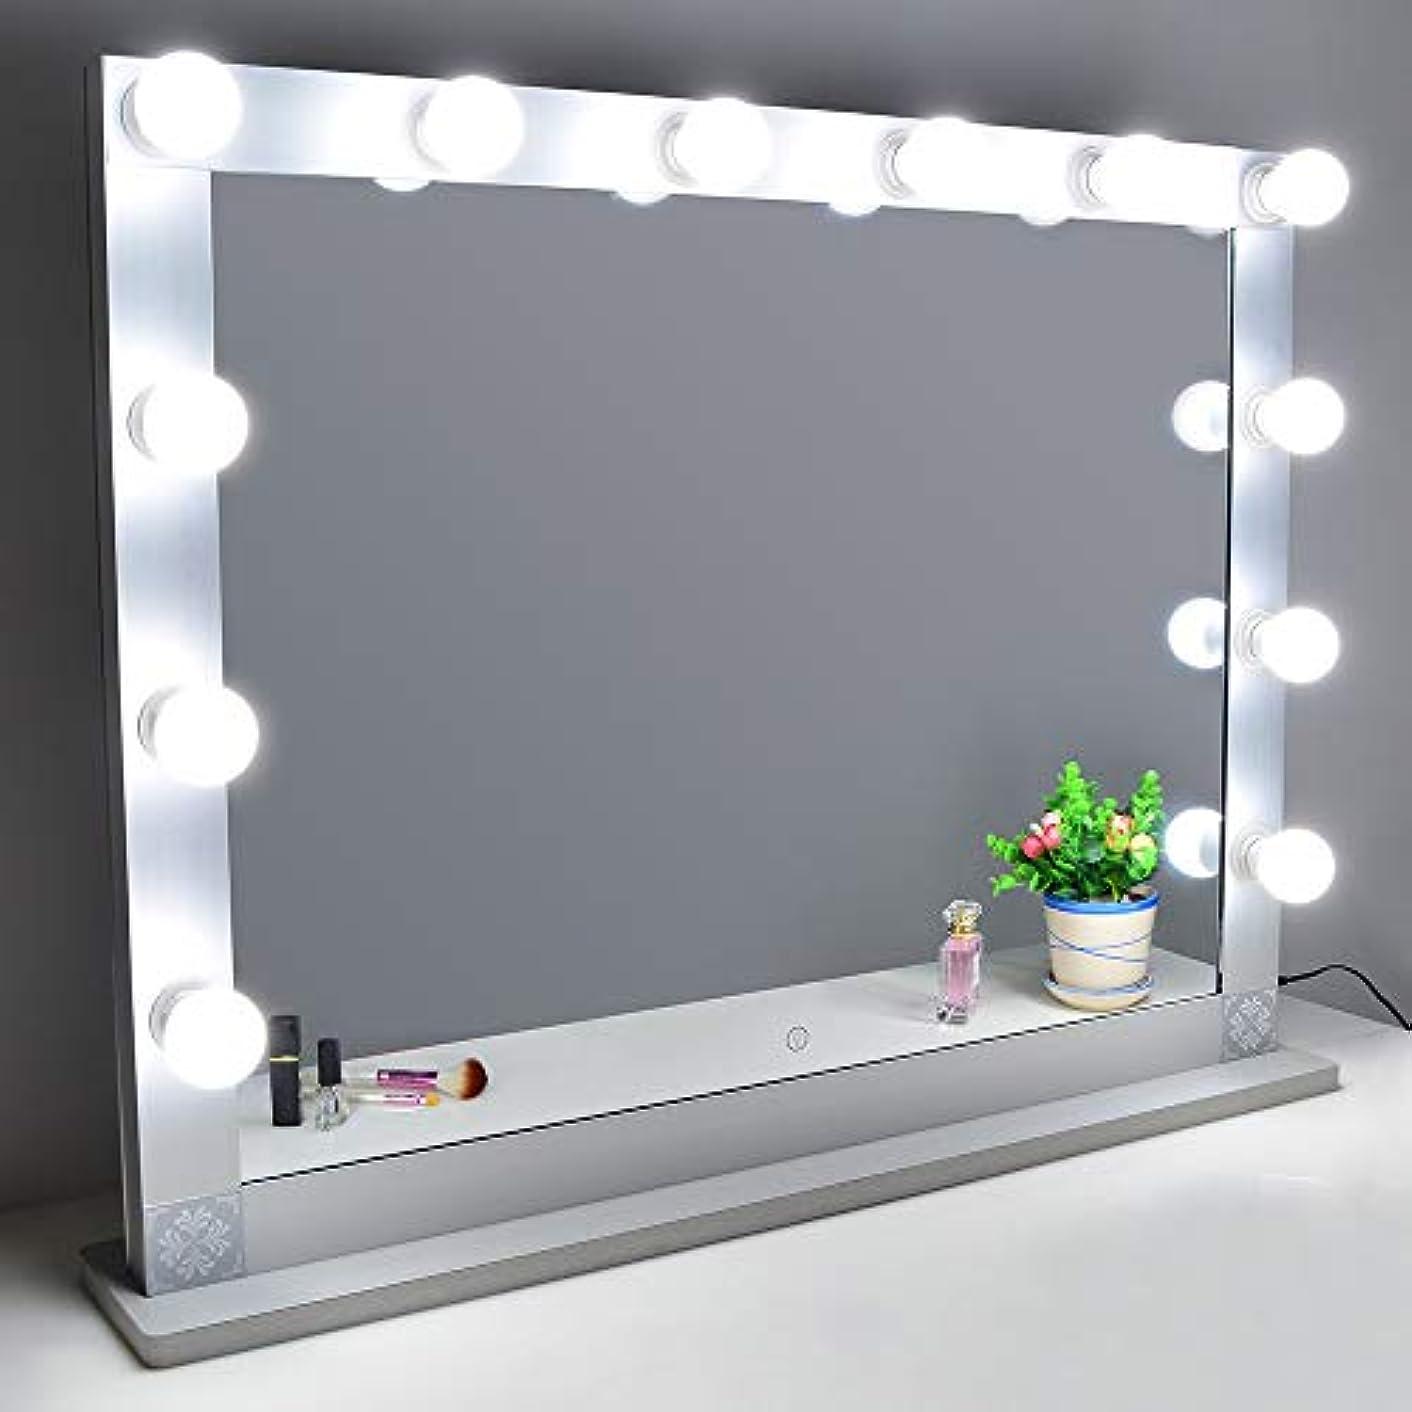 毎年成長する象Nitin 女優ミラー 大型化粧鏡 ハリウッドミラー 12個LED電球付き 無段階調光 スタンド付き USB差込口付き 卓上ミラー 女優ライト ドレッサー/化粧台に適用(85*66.5cm)